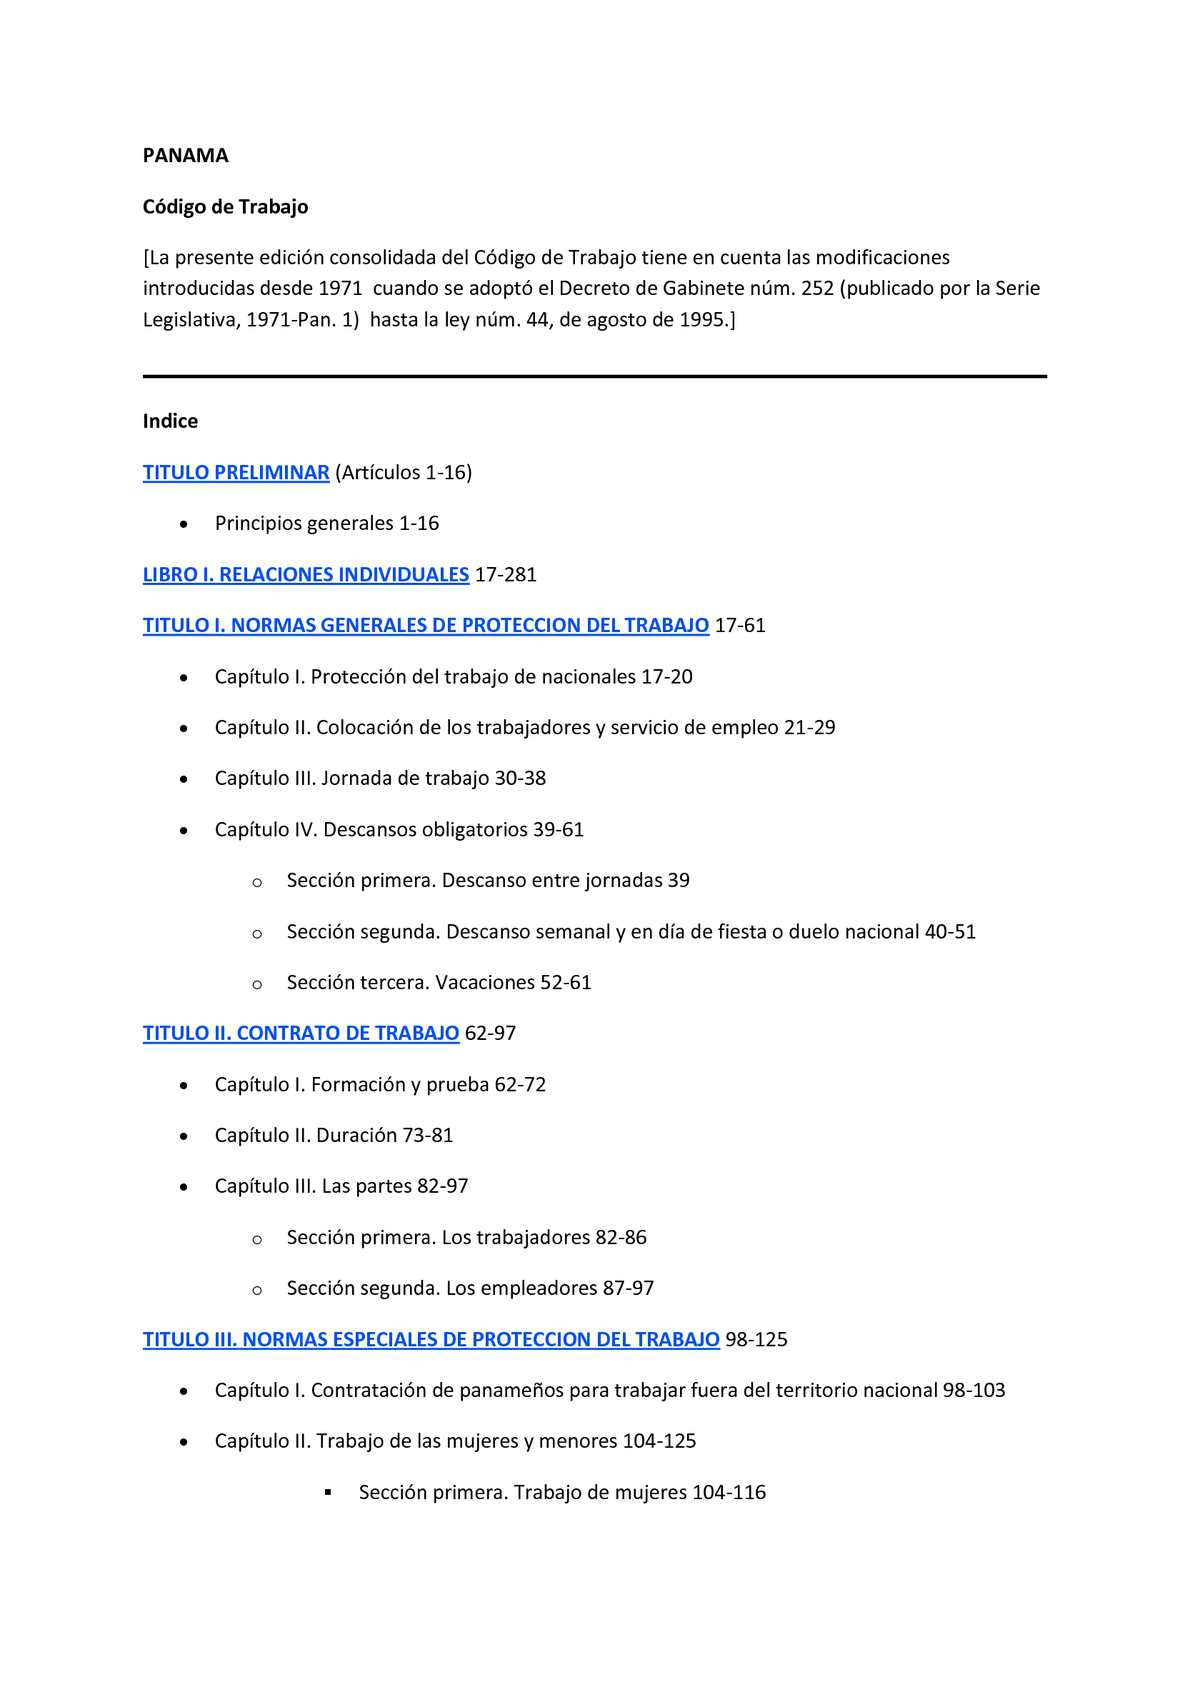 Calaméo - el código laboral panameño